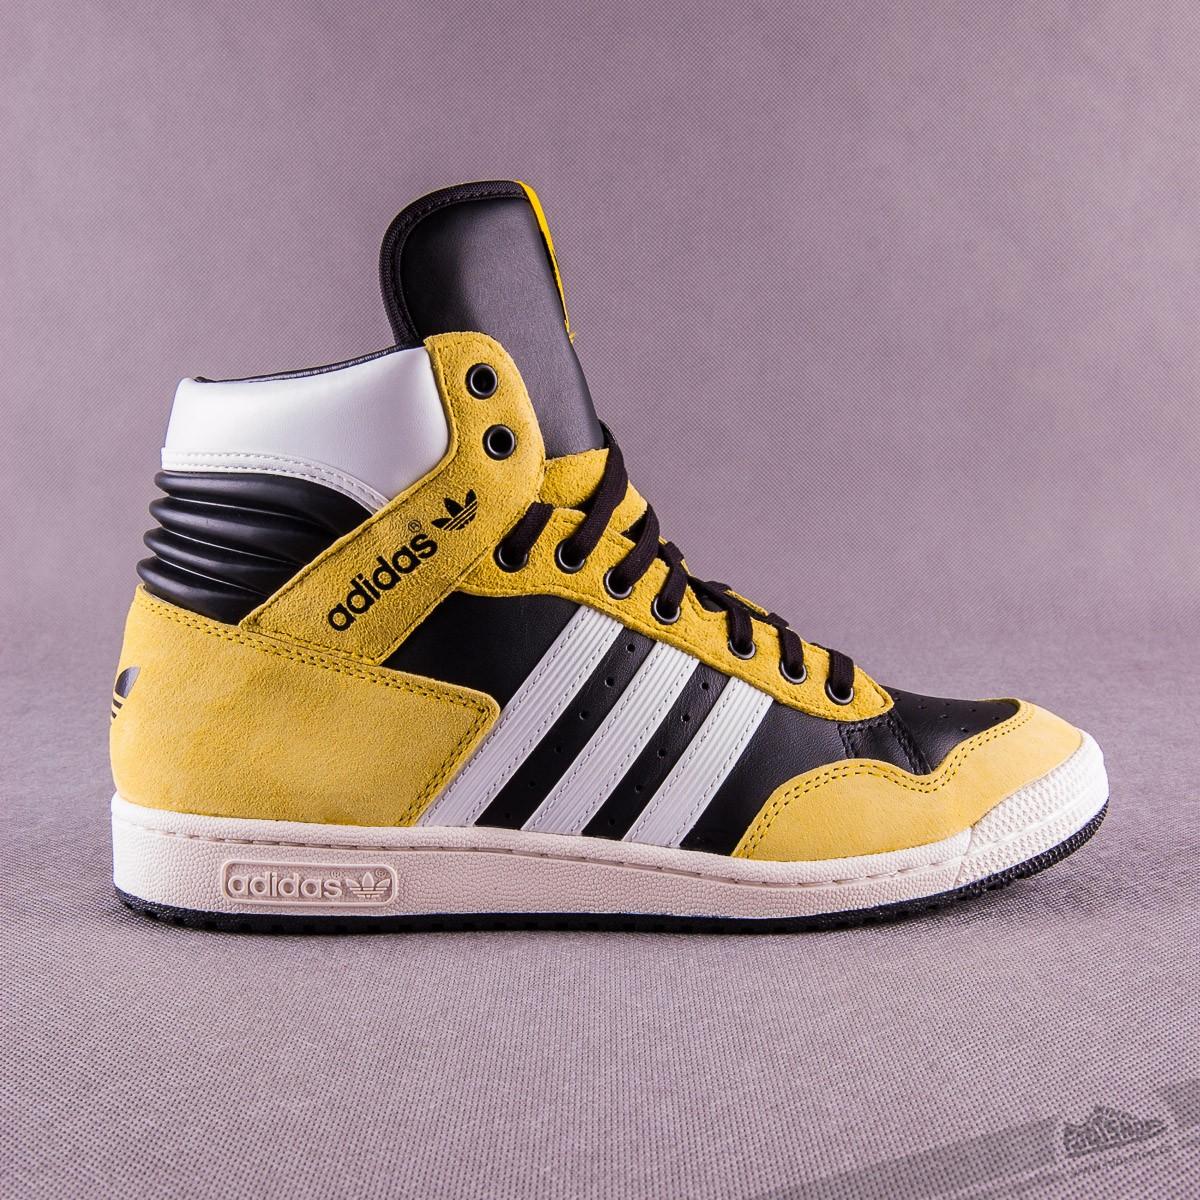 46893711e75 adidas Originals pánské luxusní kotníkové boty PRO CONFERENCE HI - Žluto  černo bílé G95984